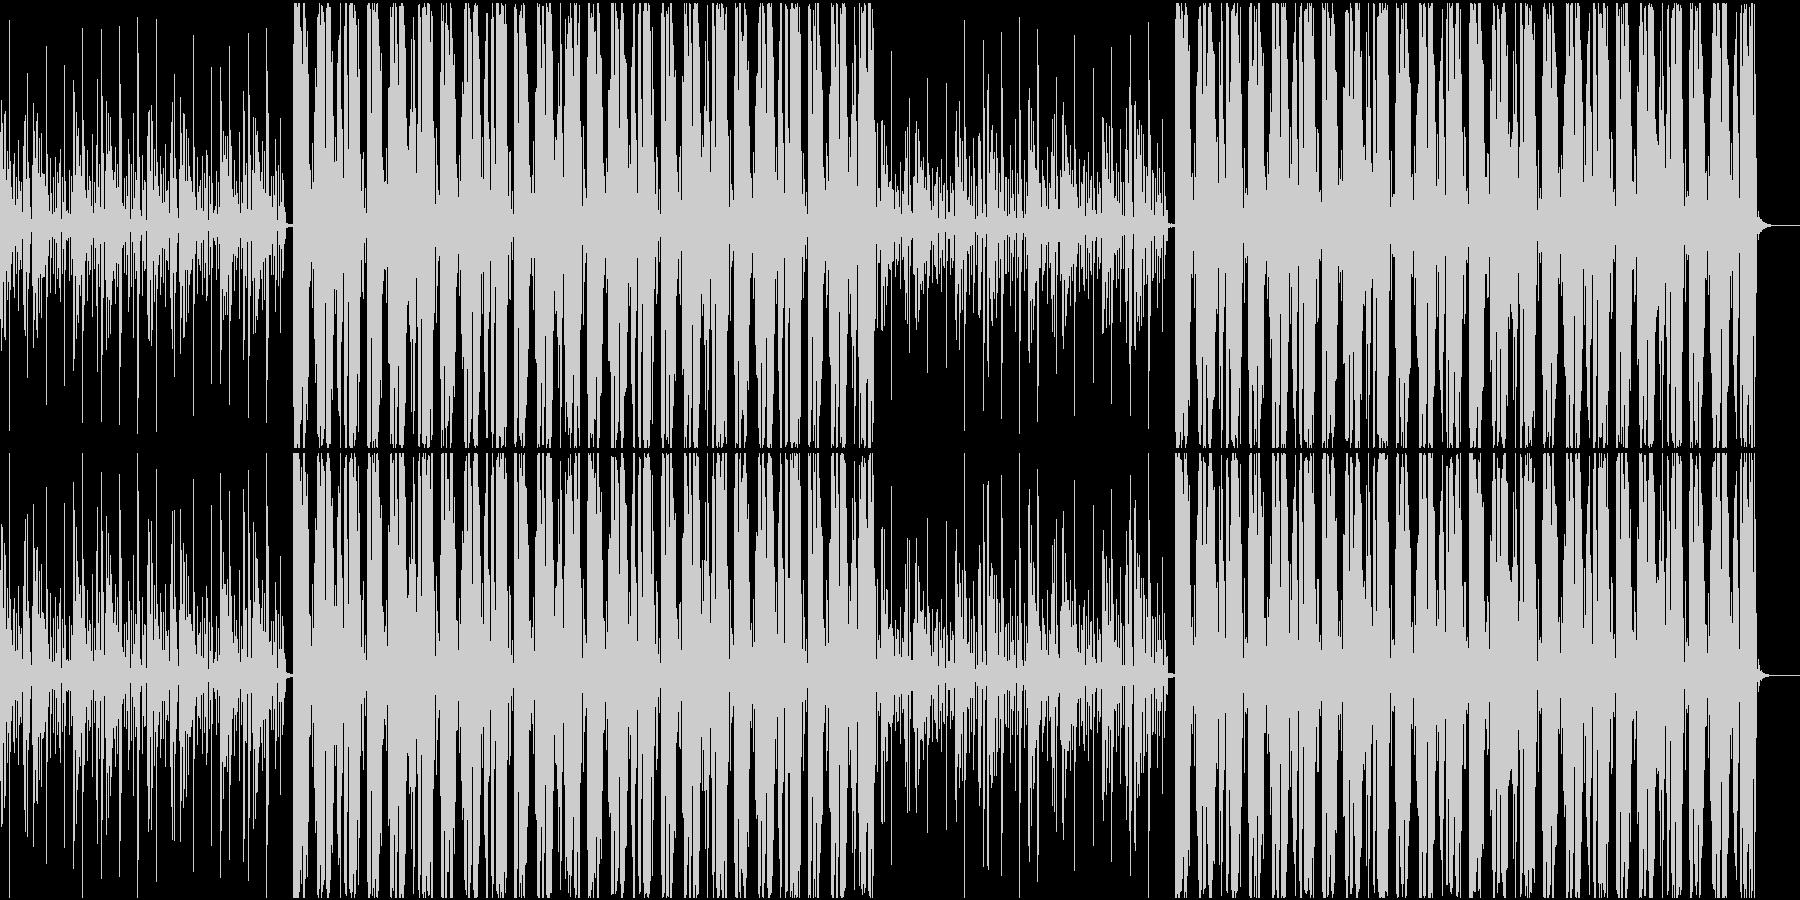 ビートの強いHiphopの未再生の波形